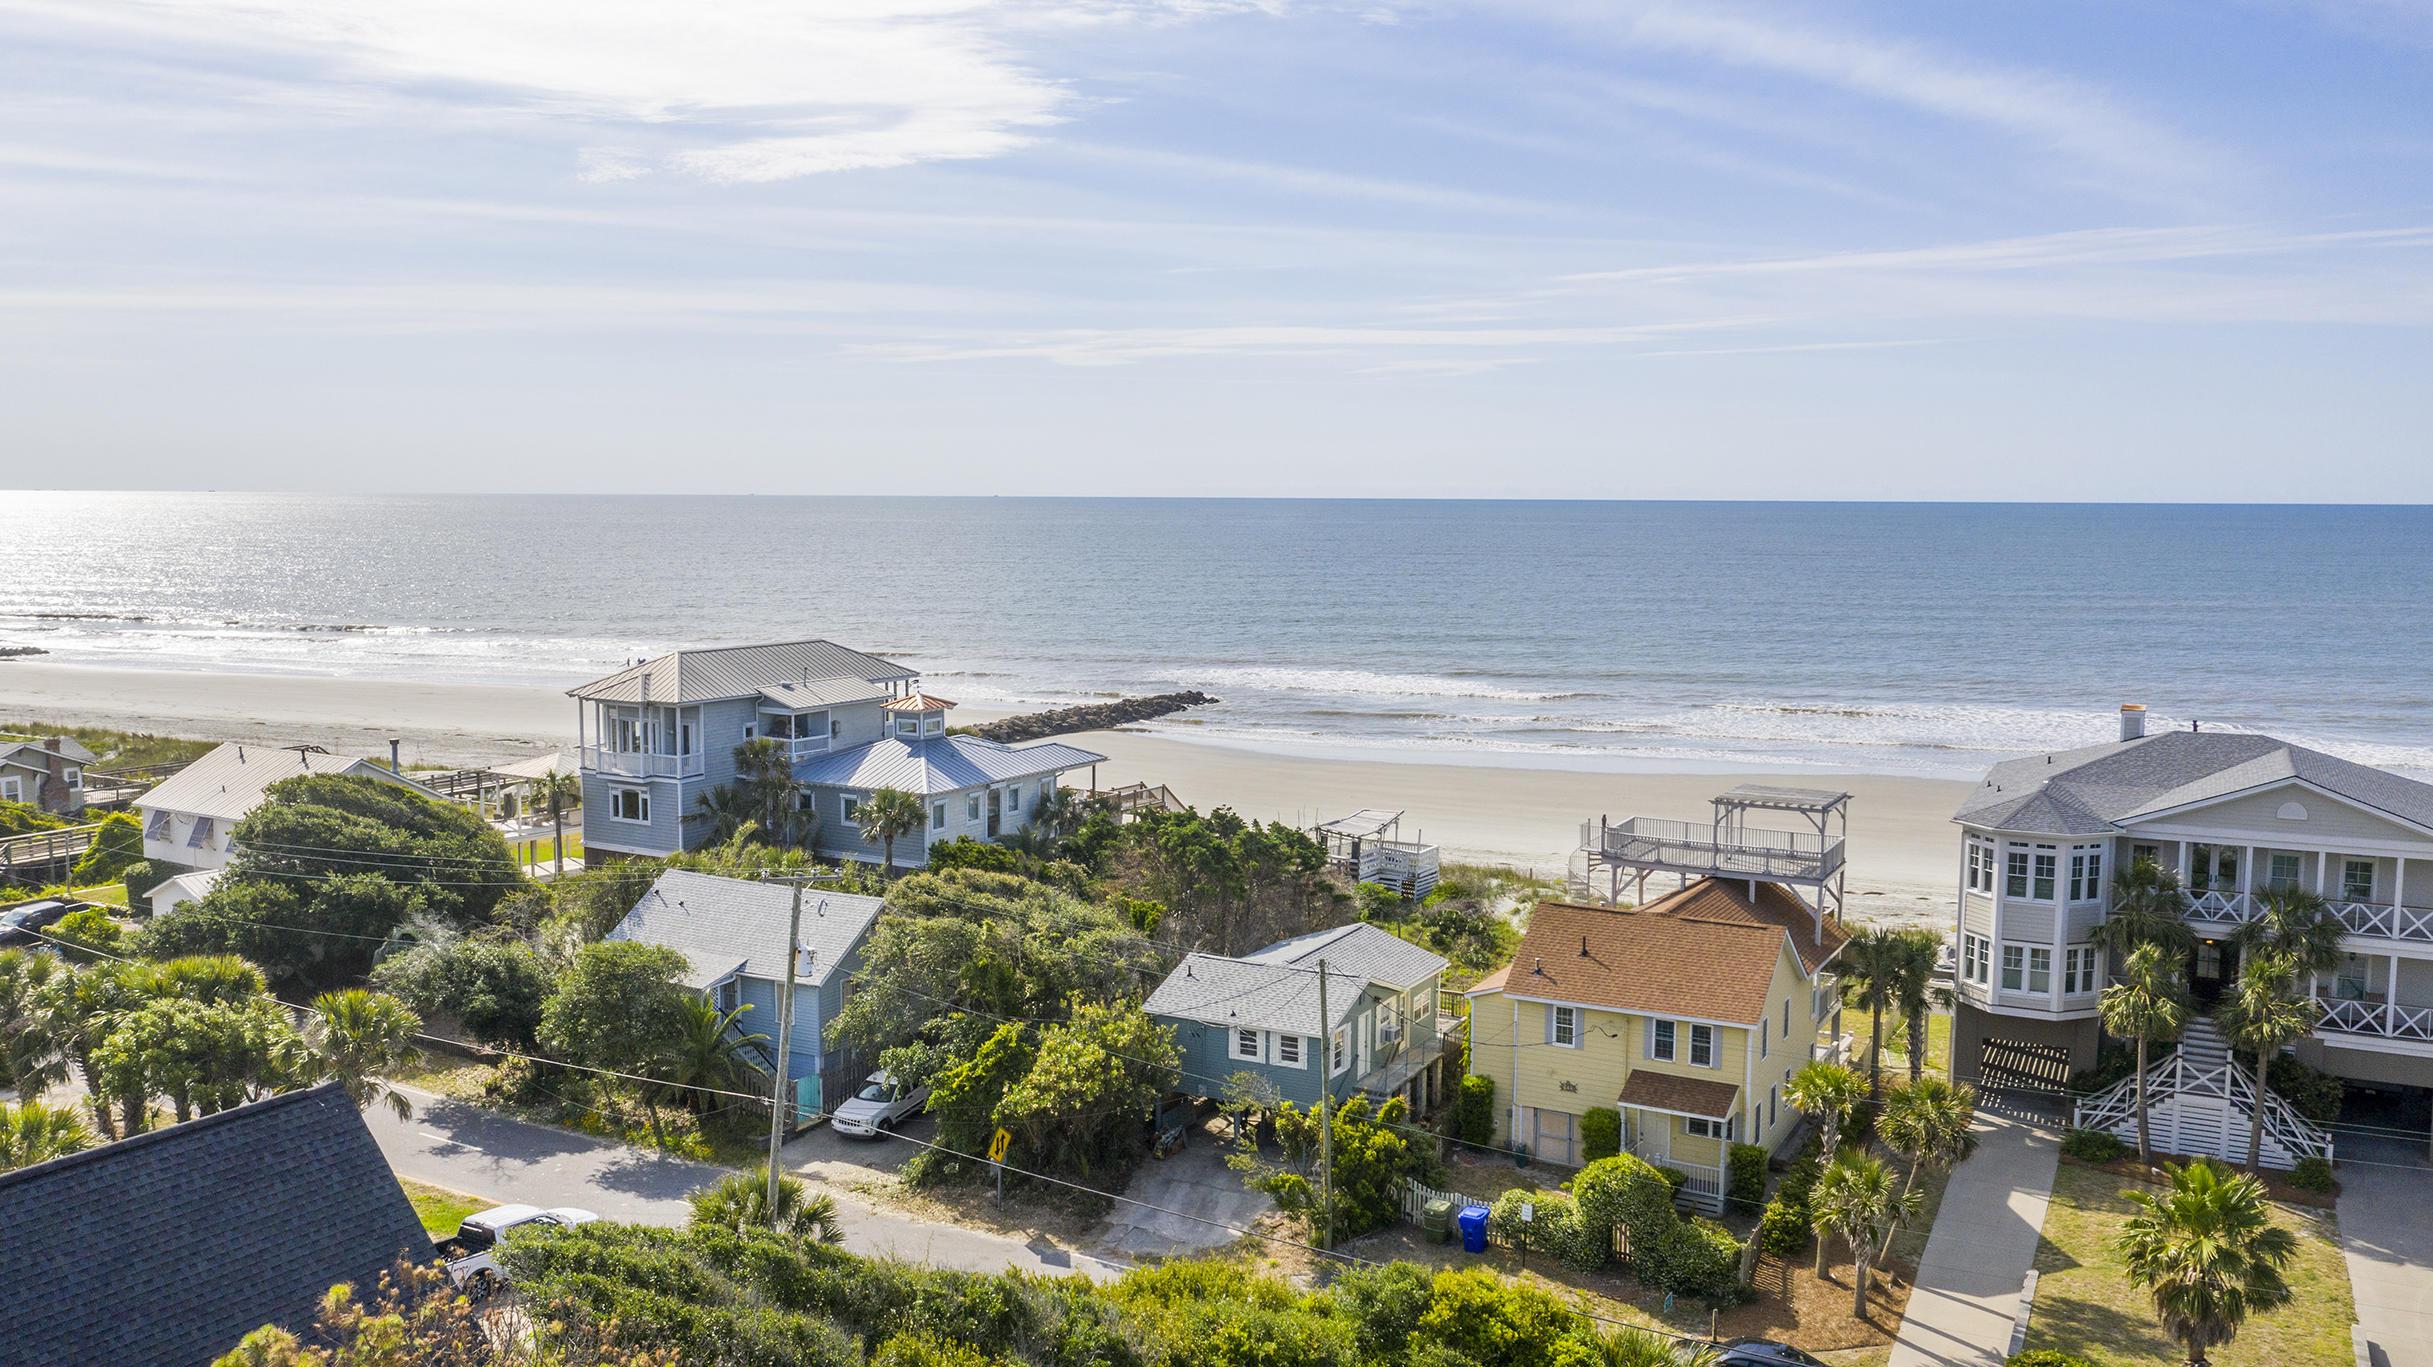 Folly Beach Homes For Sale - 1115 Arctic, Folly Beach, SC - 3